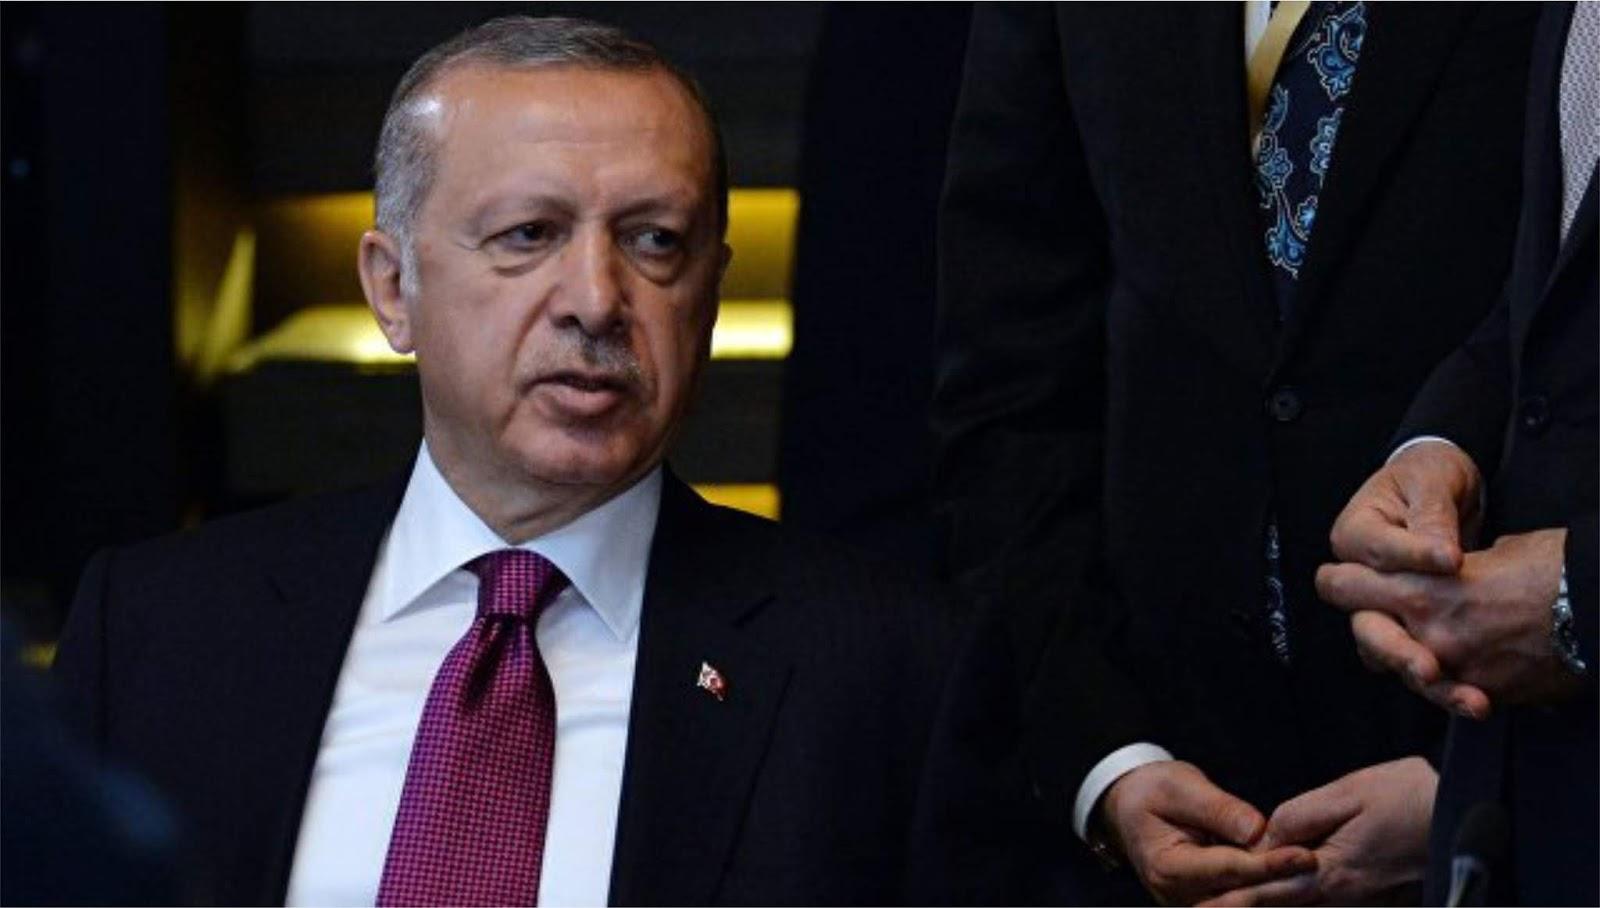 Erdogan memprotes Trump atas dukungan AS untuk Kurdi di Suriah